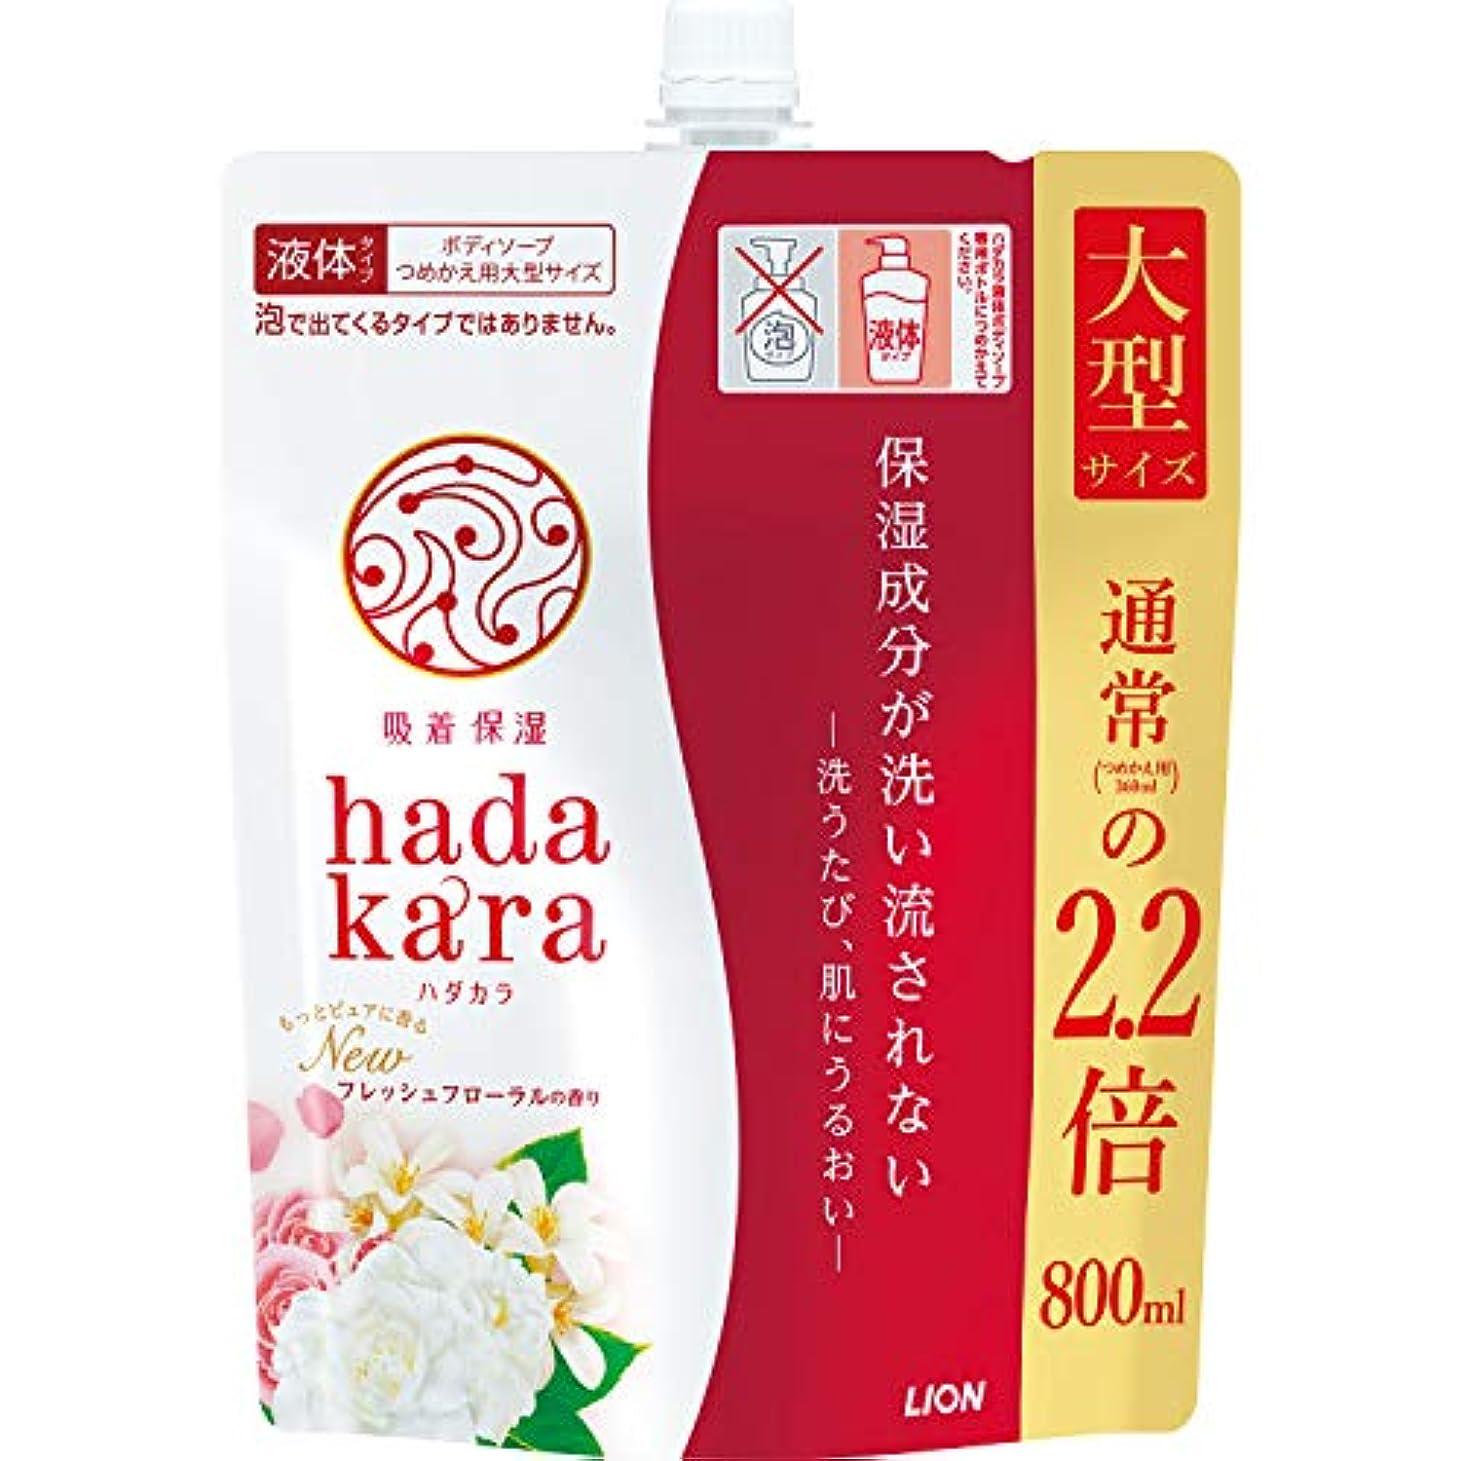 かかわらず途方もない意識的hadakara(ハダカラ) ボディソープ フレッシュフローラルの香り つめかえ用大型サイズ 800ml